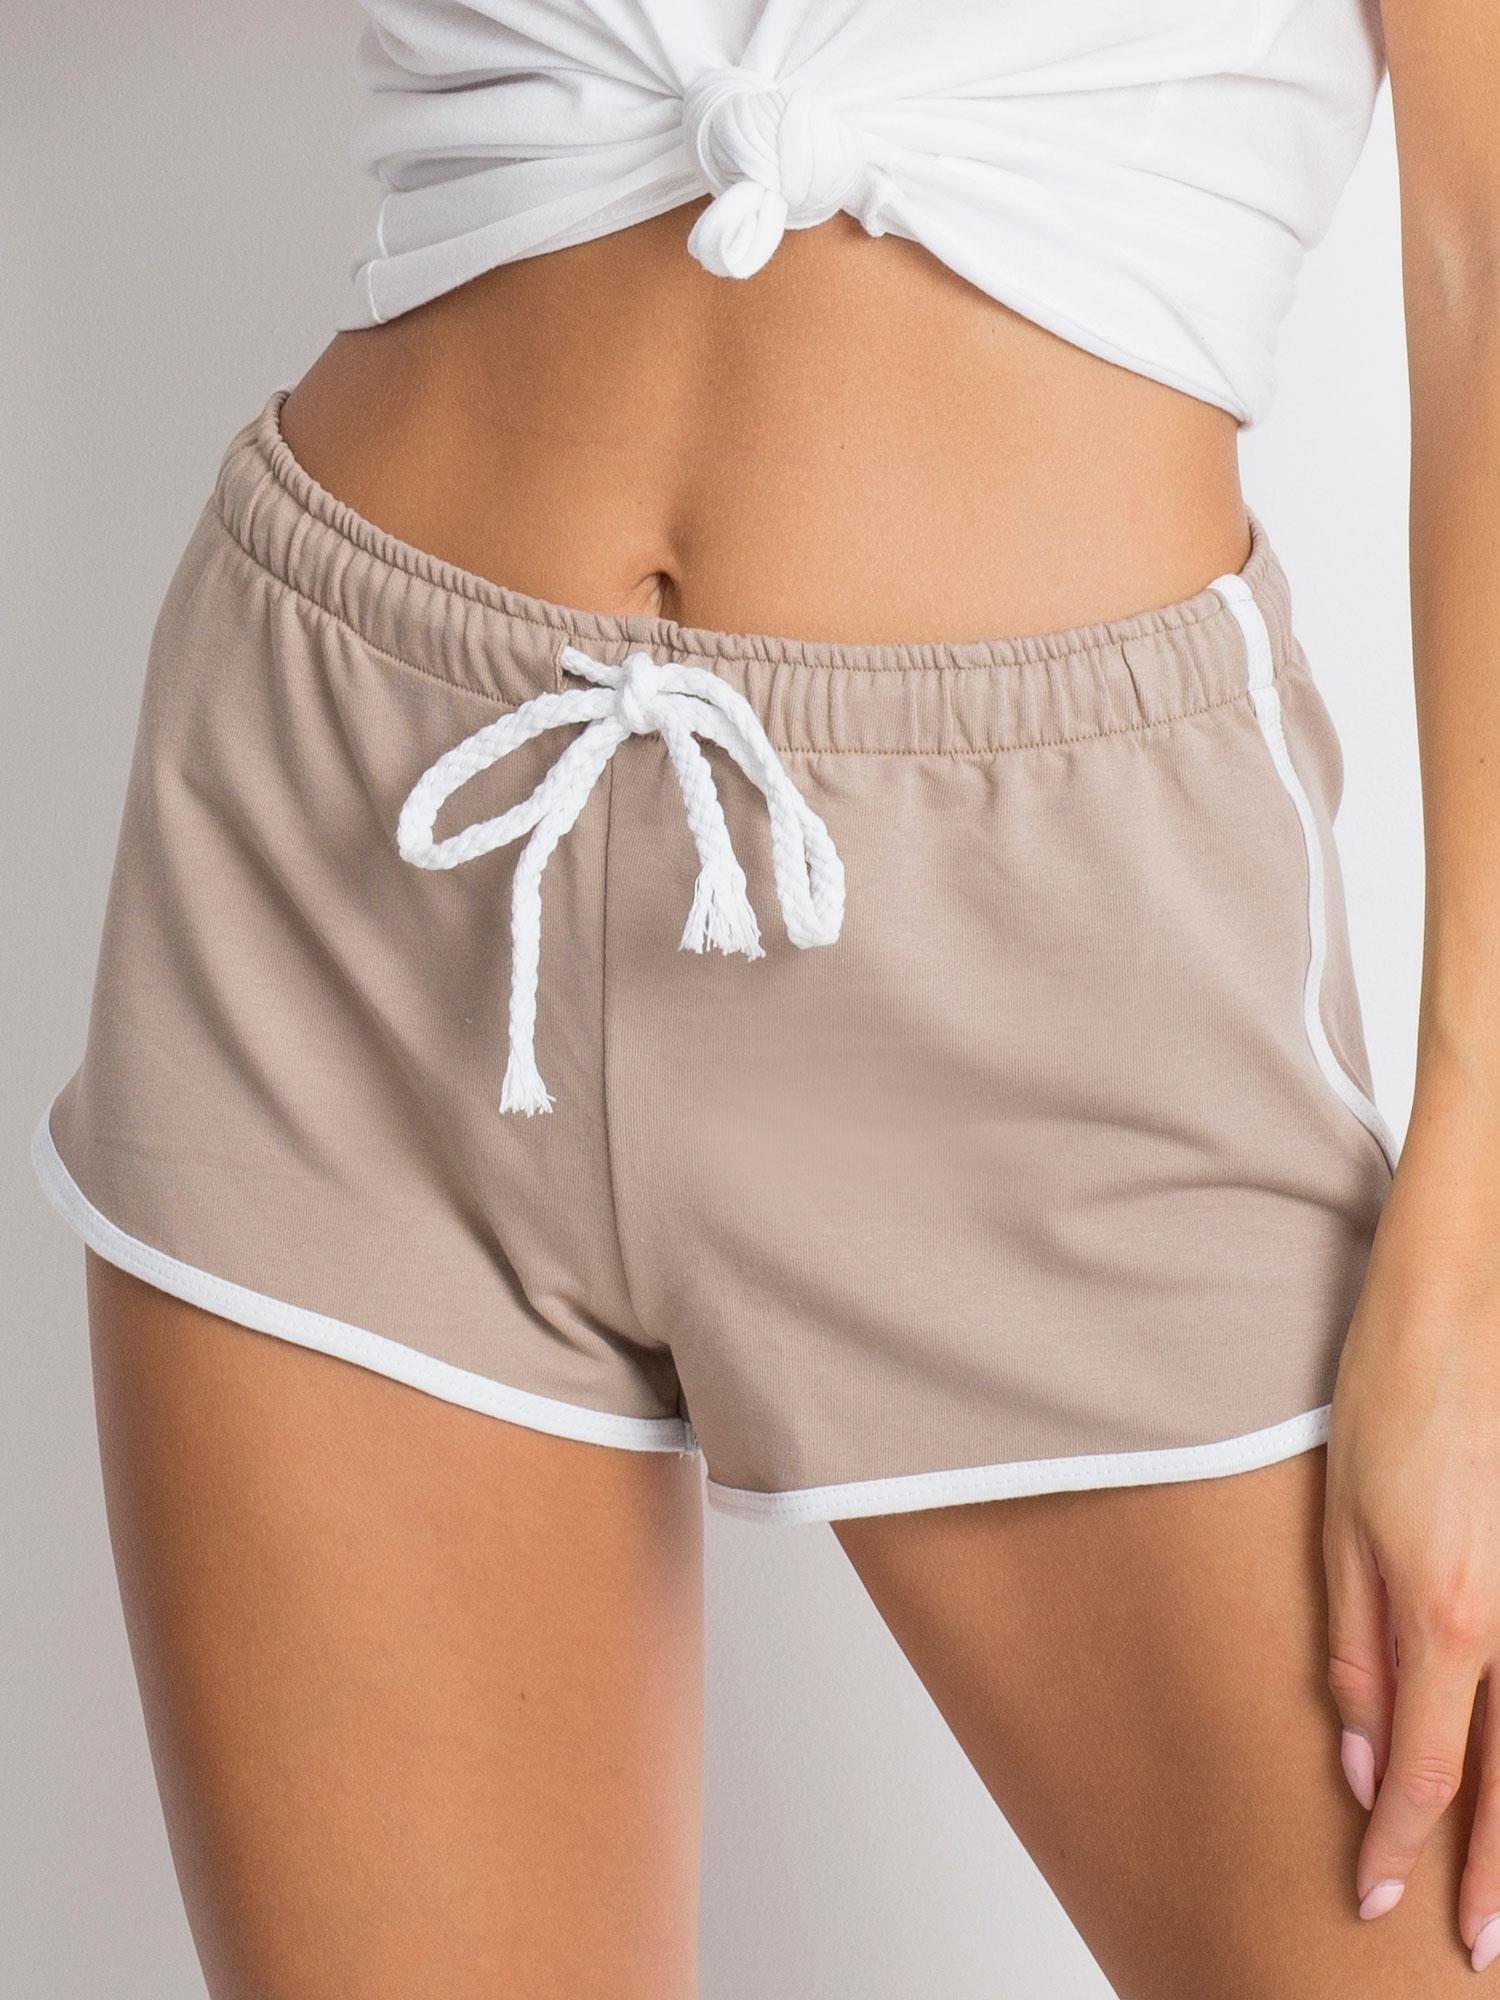 Béžové bavlnené šortky - M